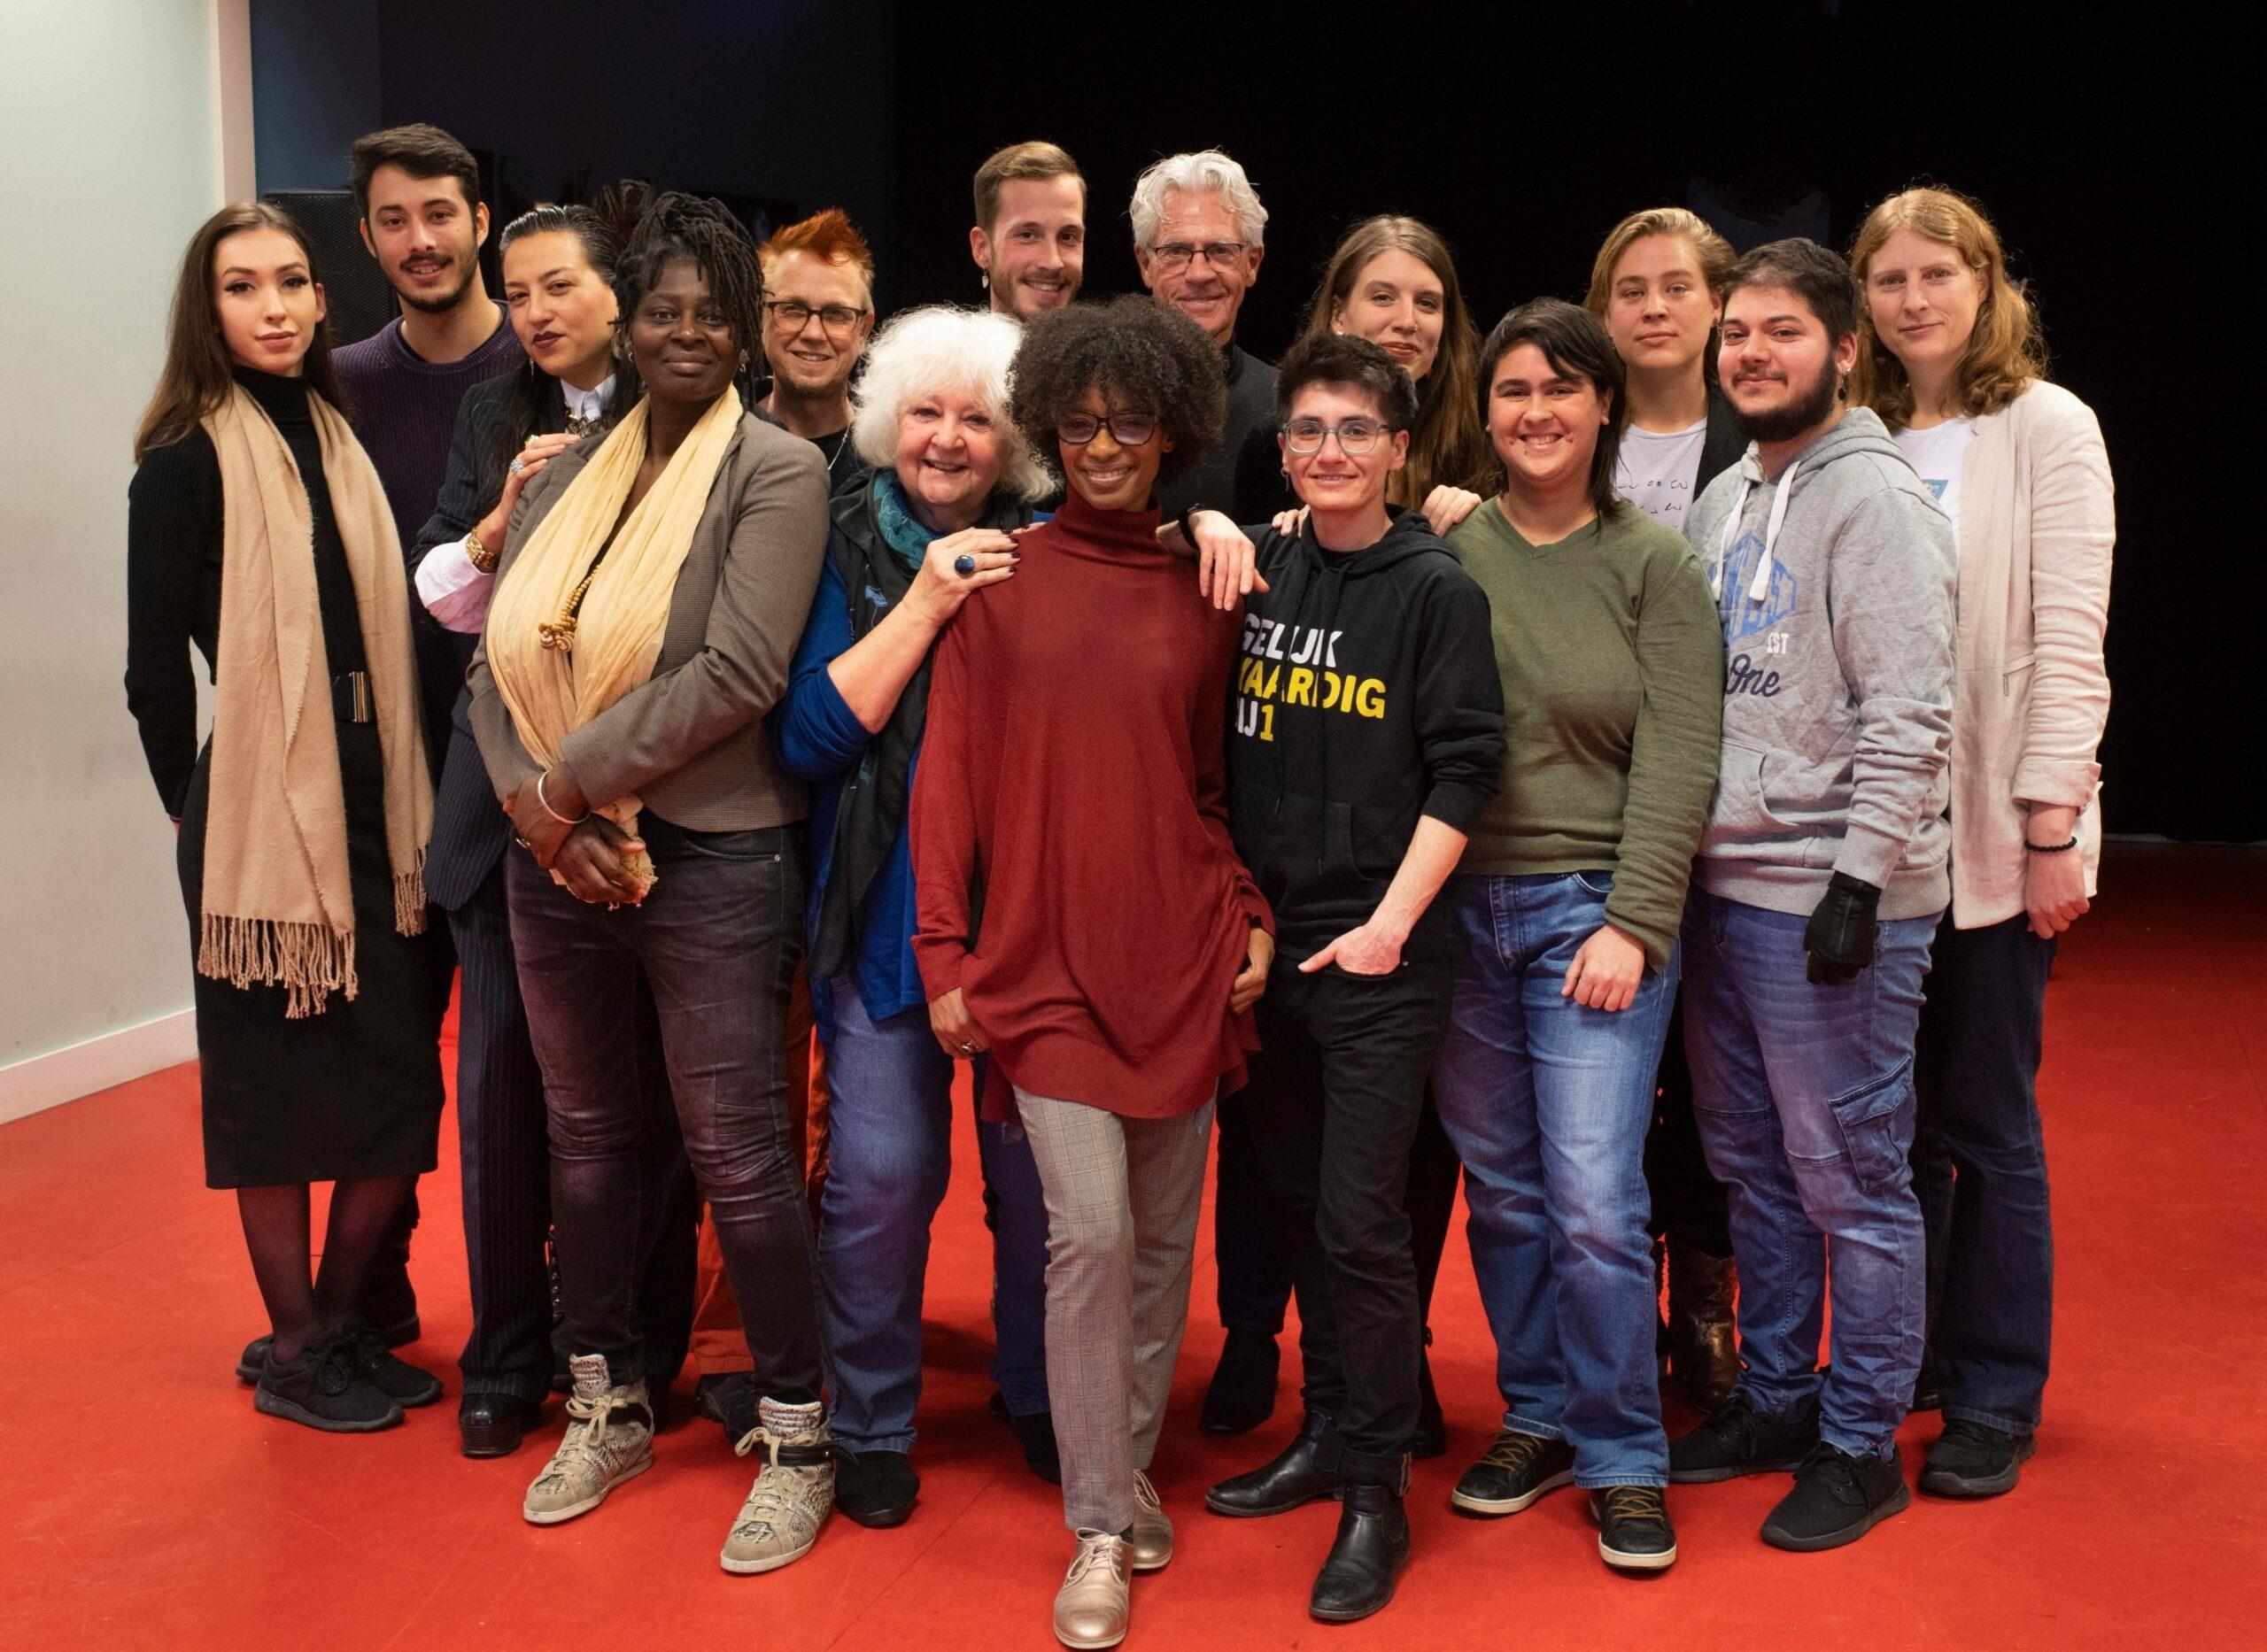 Een groep BIJ1-leden staan geposeerd voor de camera. O.a. Sylvana Simons, So Roustayar, Rebekka Timmer, Jazie Veldhuizen, Aynouk Tan en anderen.